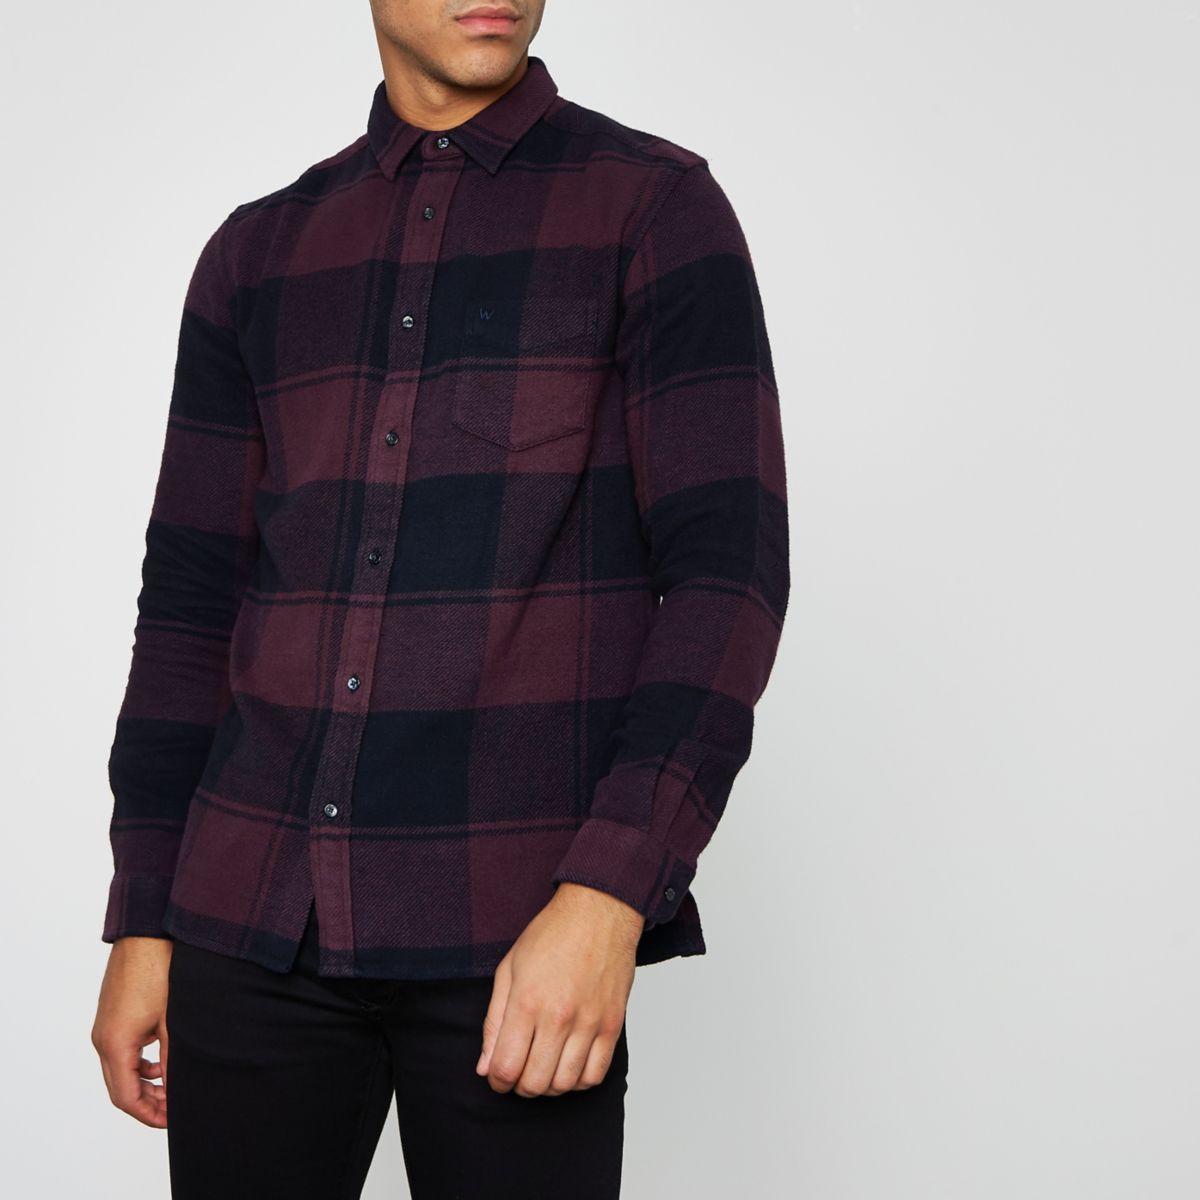 Burgundy Wrangler long sleeve check shirt